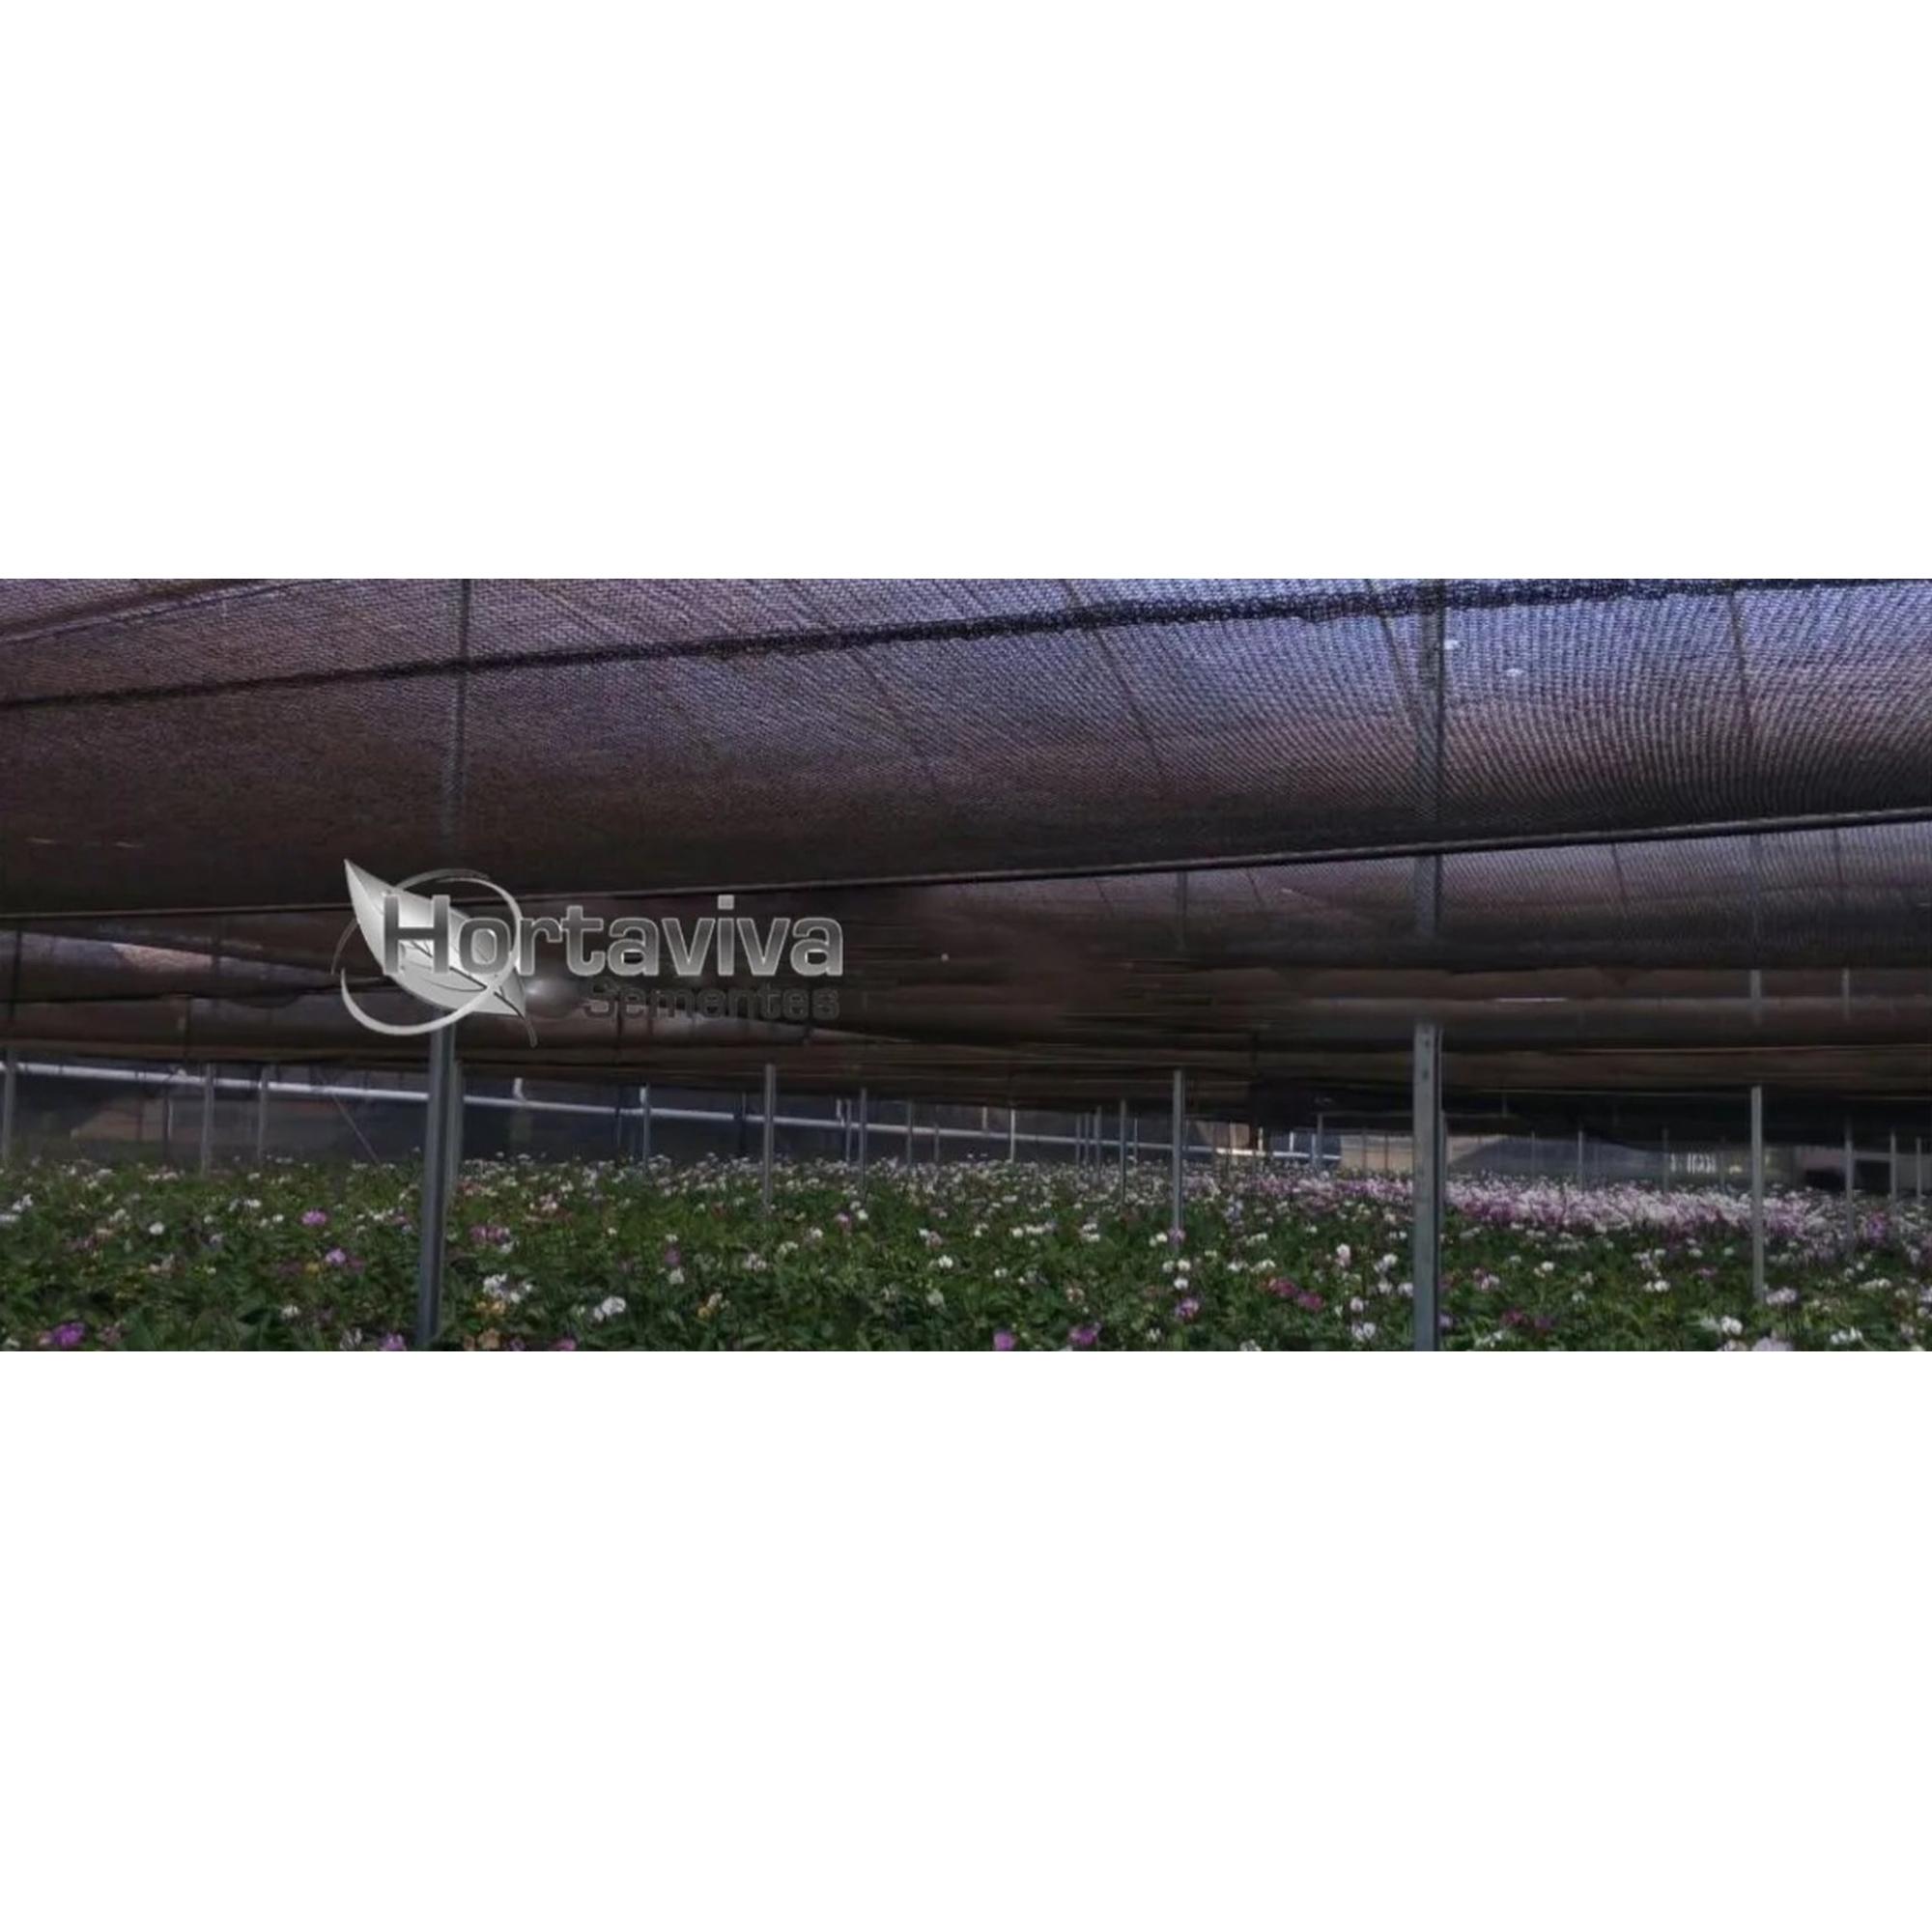 Tela de Sombreamento Preta 50% - 3 Metros x 50 Metros